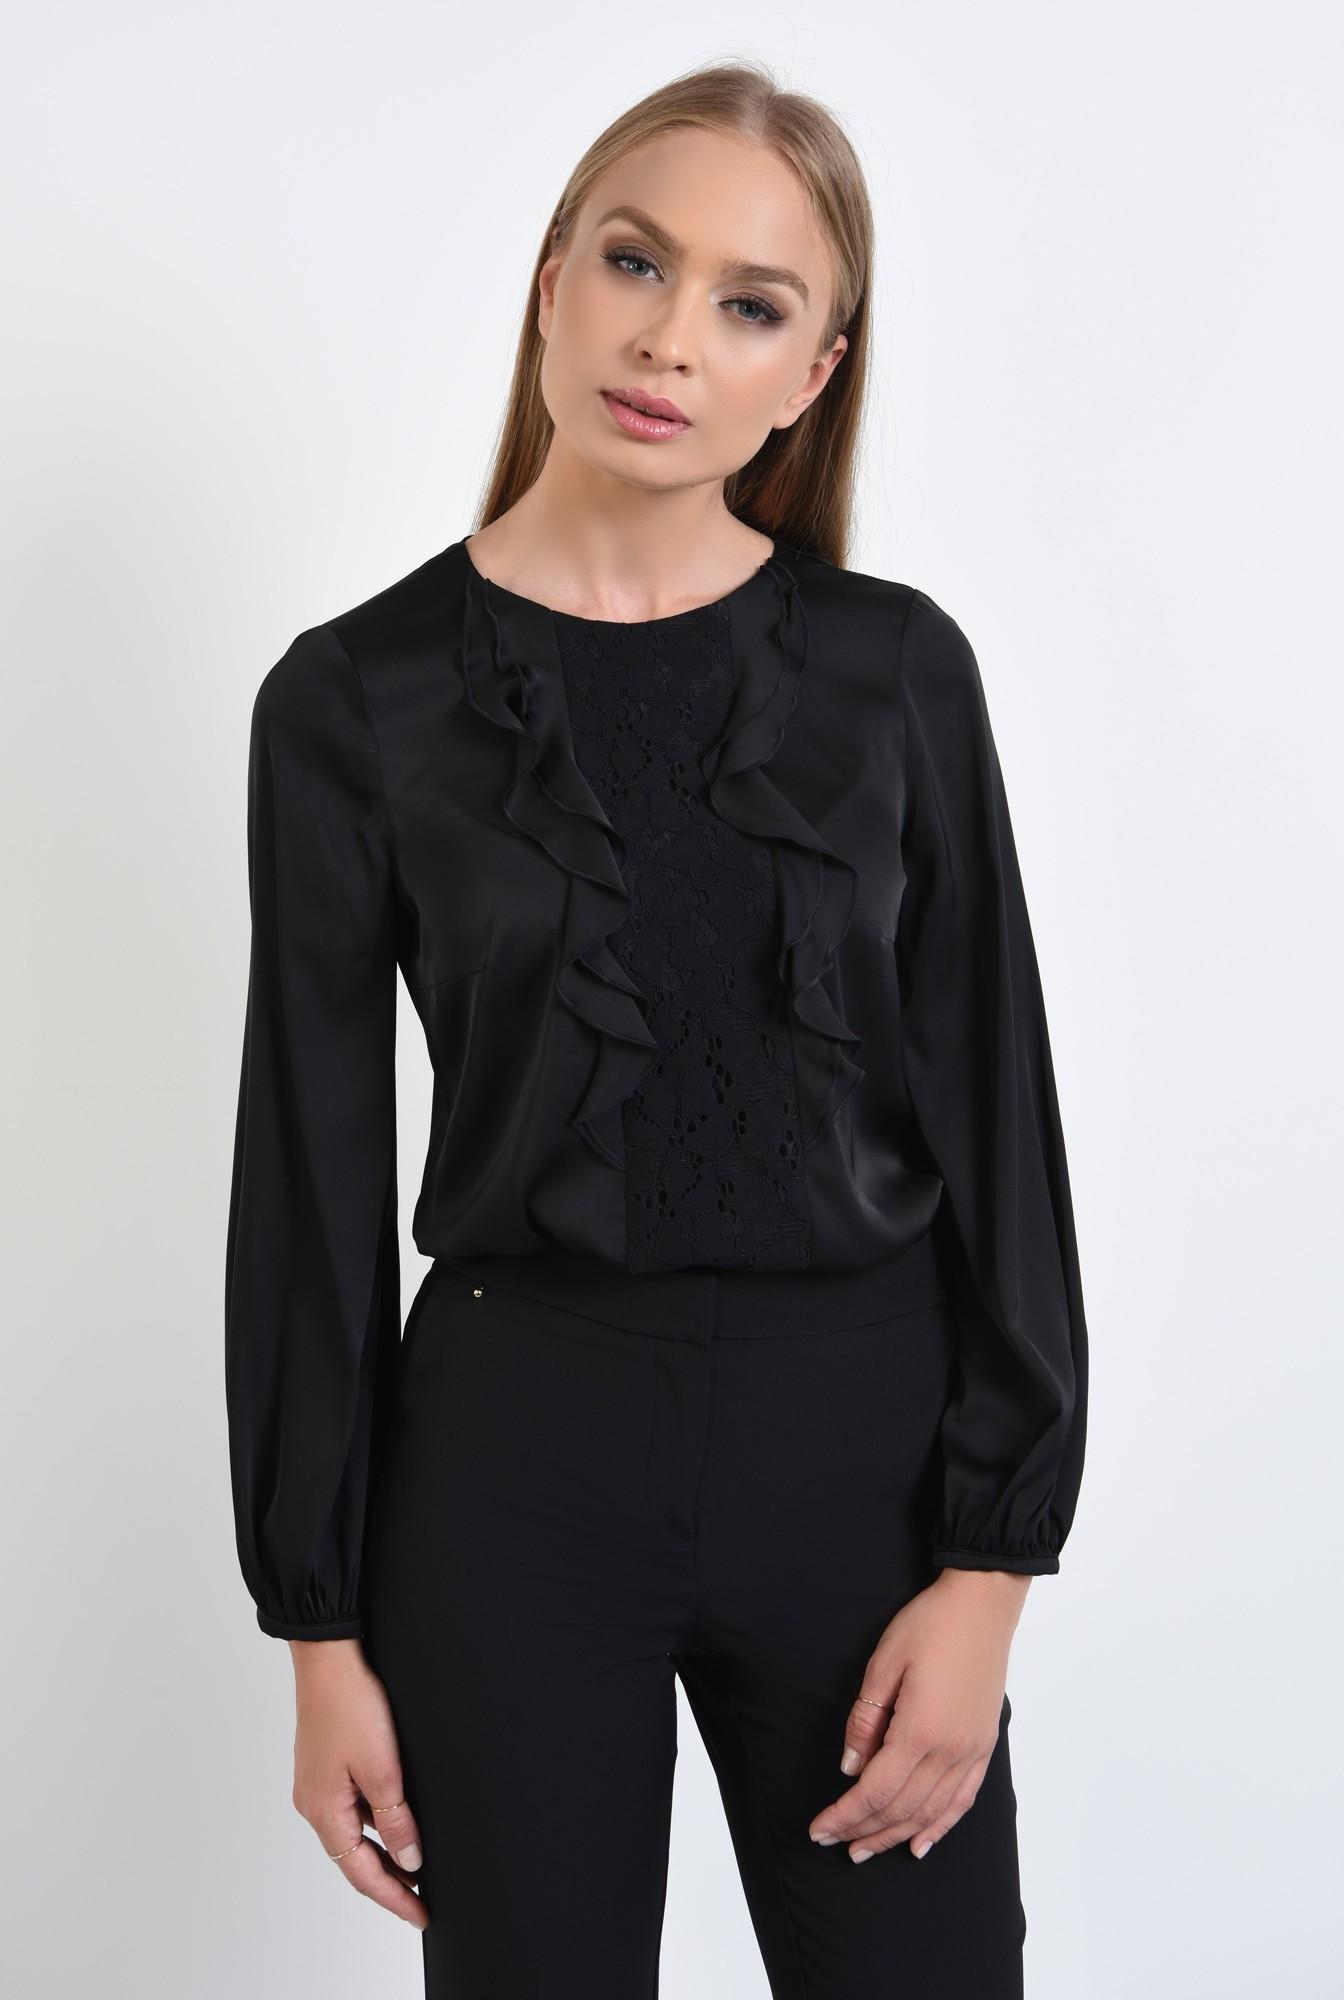 0 - 360 - bluza eleganta, cu volane, dantela aplicata, maneci lungi, mansete elastice